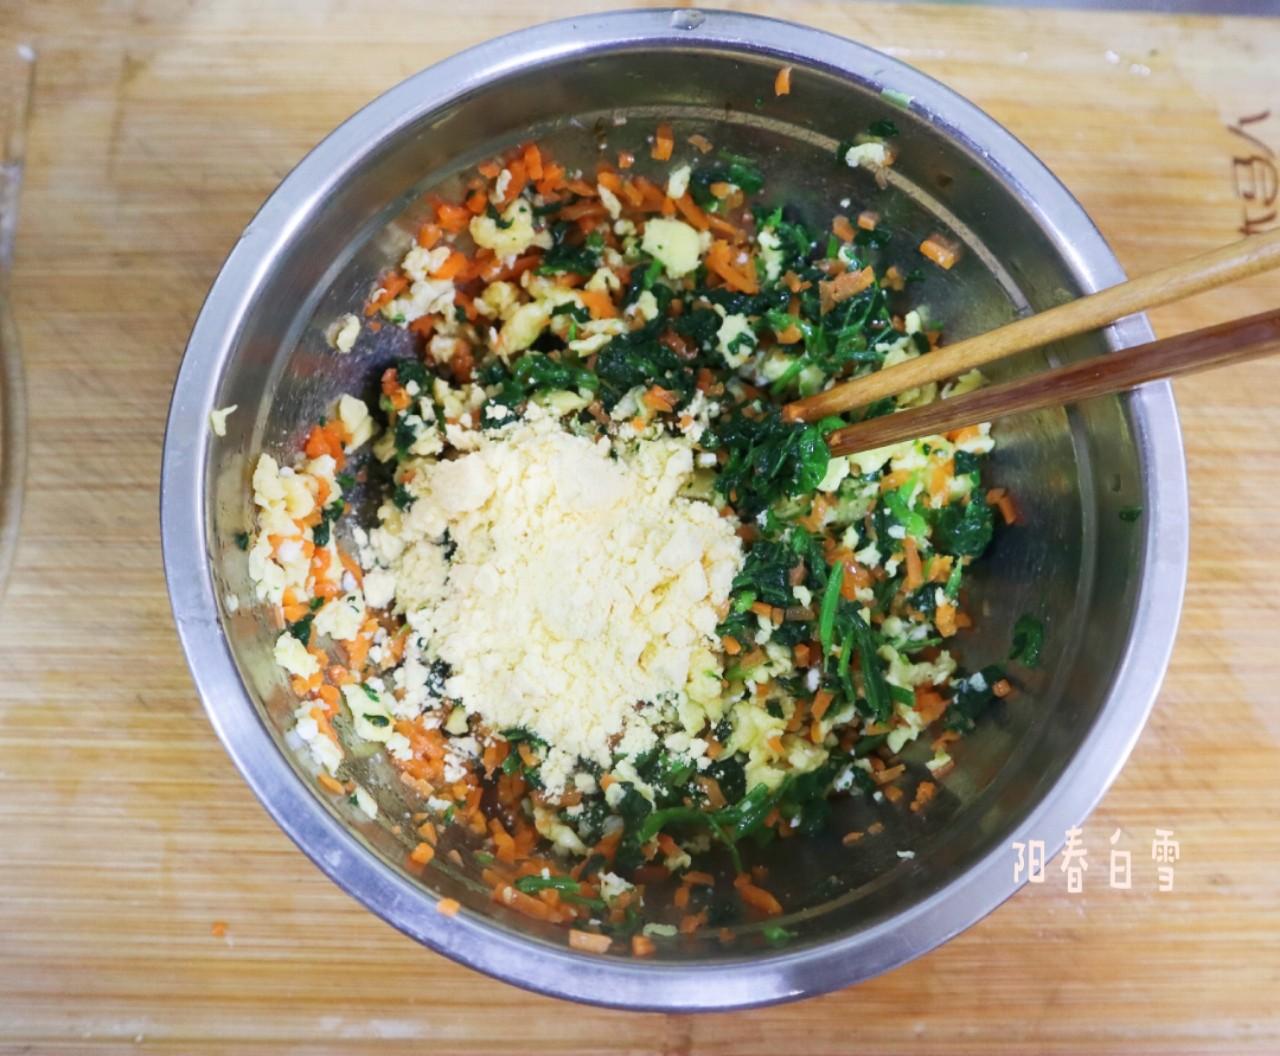 全麦面菜团子❗️低脂饱腹减肥主食代餐的做法图解